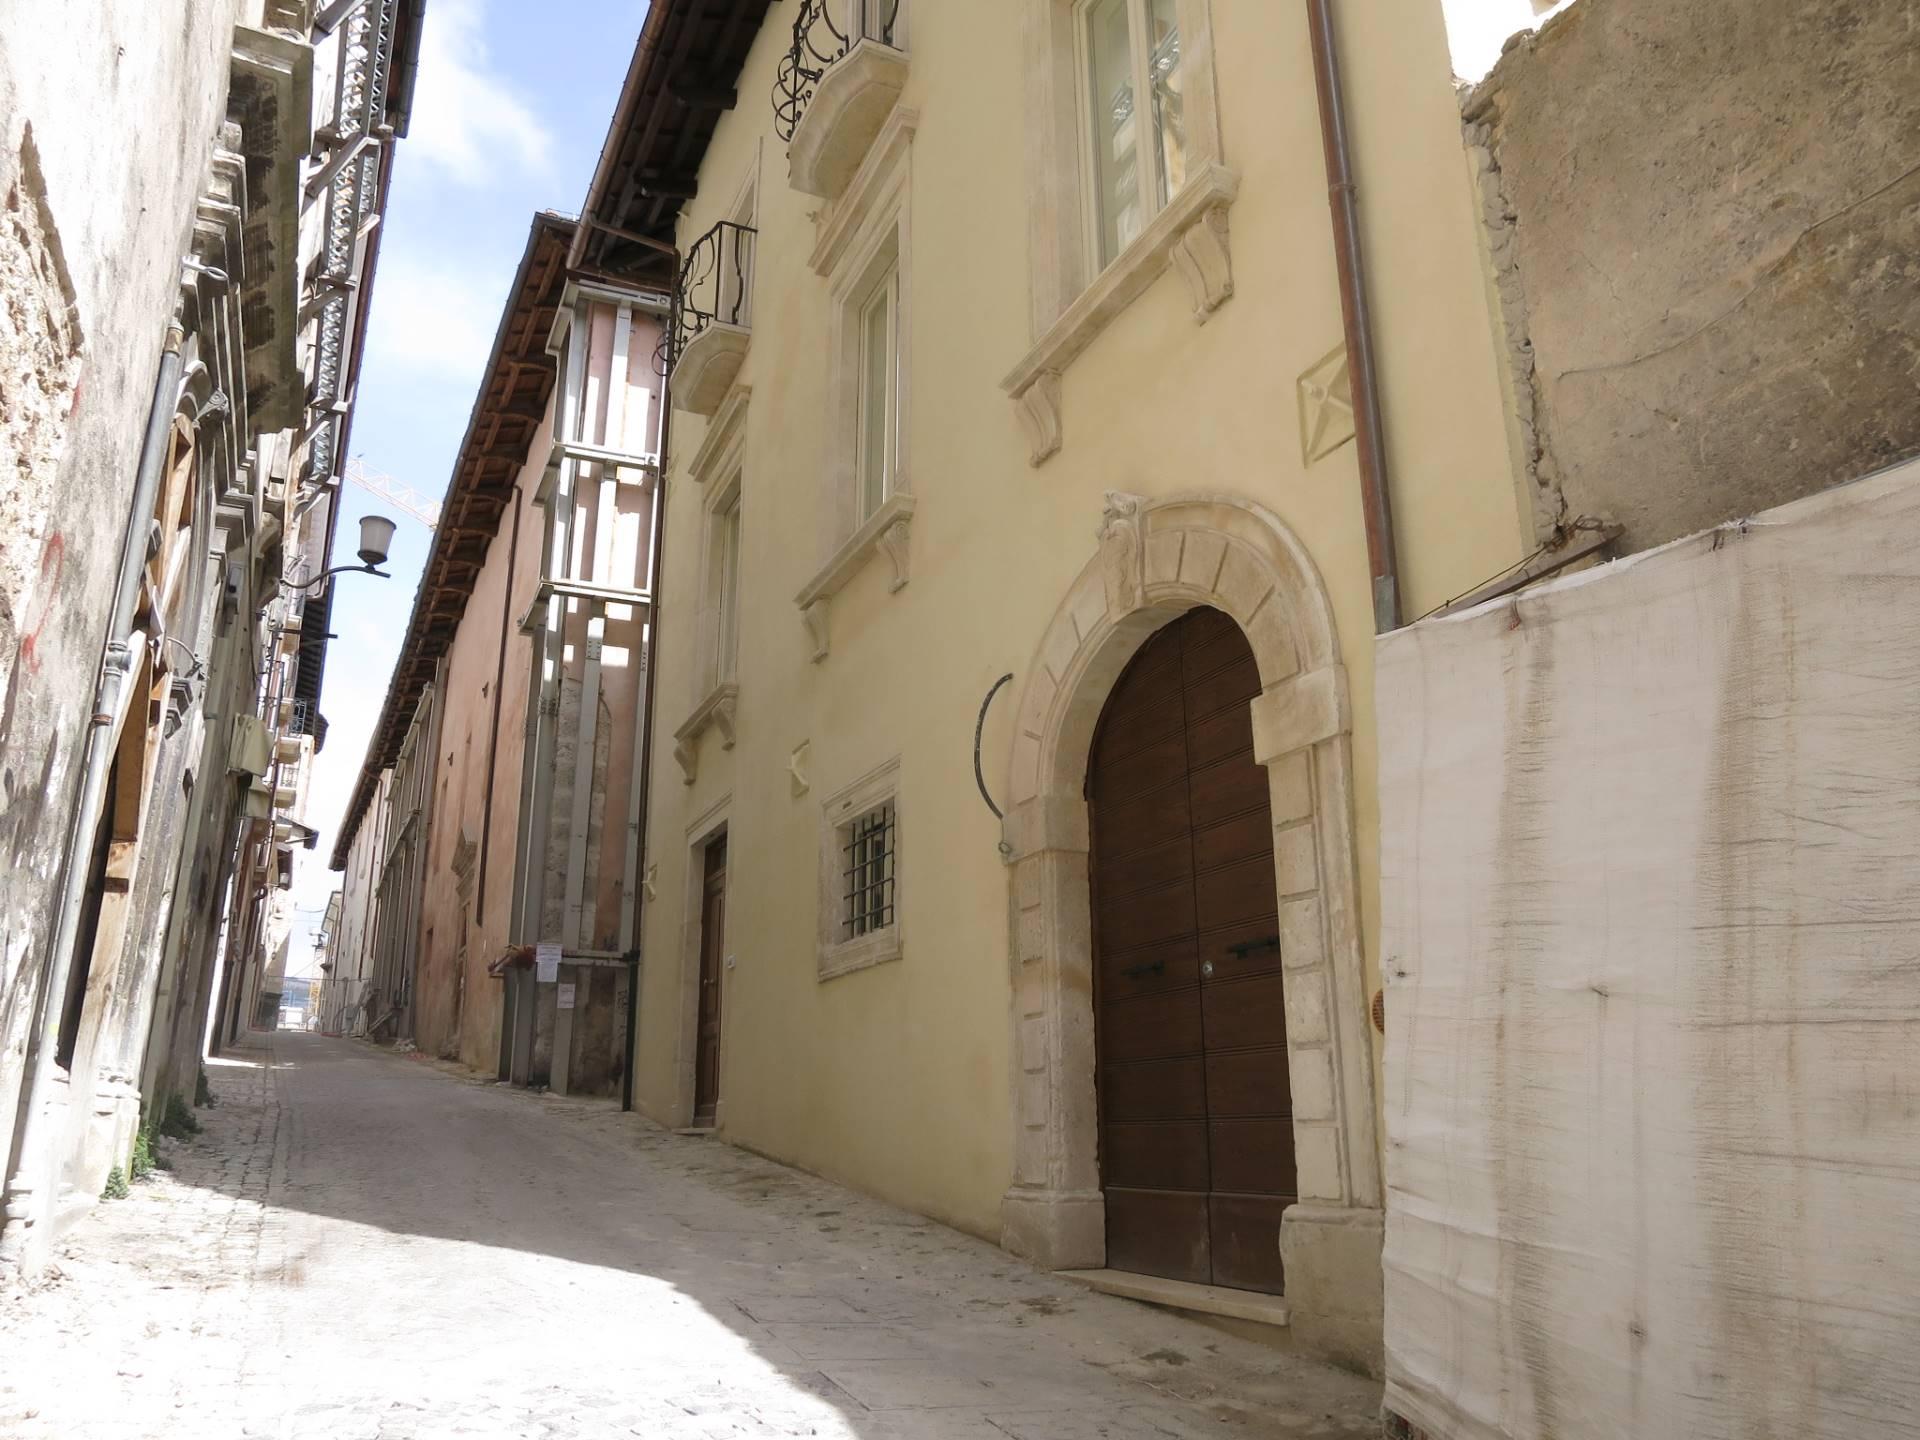 Ufficio / Studio in affitto a L'Aquila, 1 locali, zona Località: Centrostorico, prezzo € 550 | Cambio Casa.it